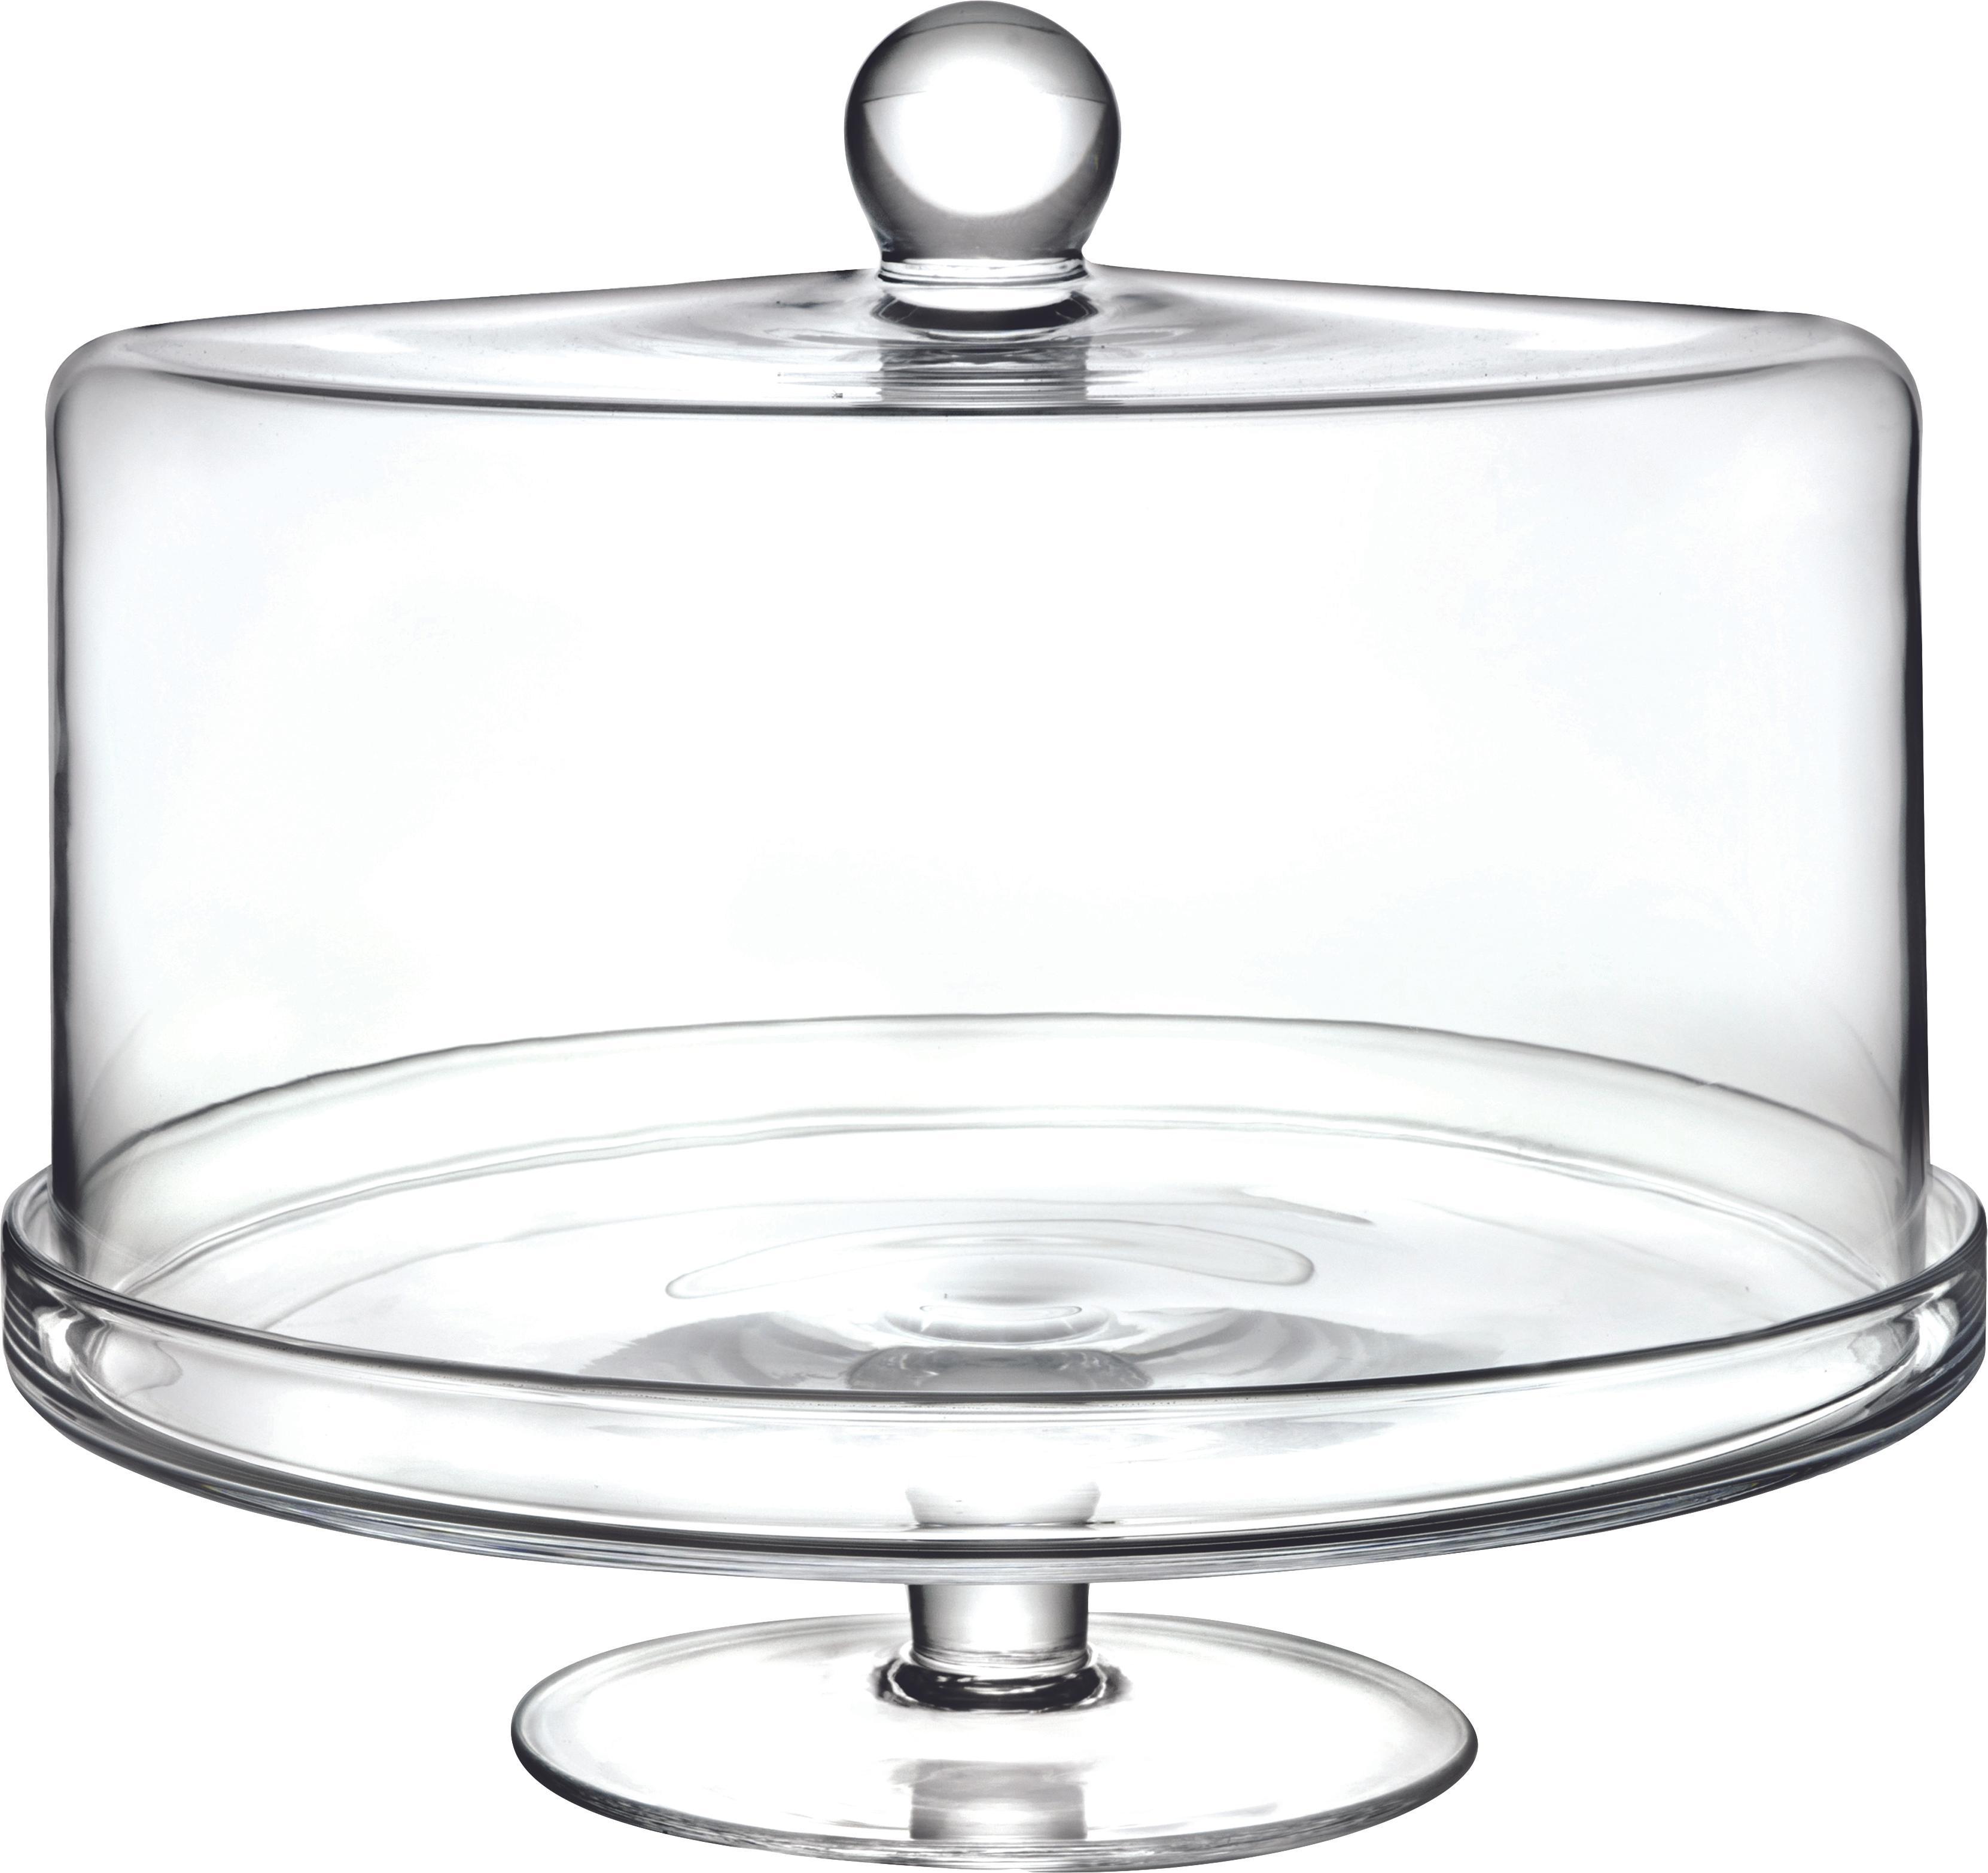 Alzata per dolci in cristallo Maja, Cristallo Luxion, Trasparente, Ø 30 x A 25 cm